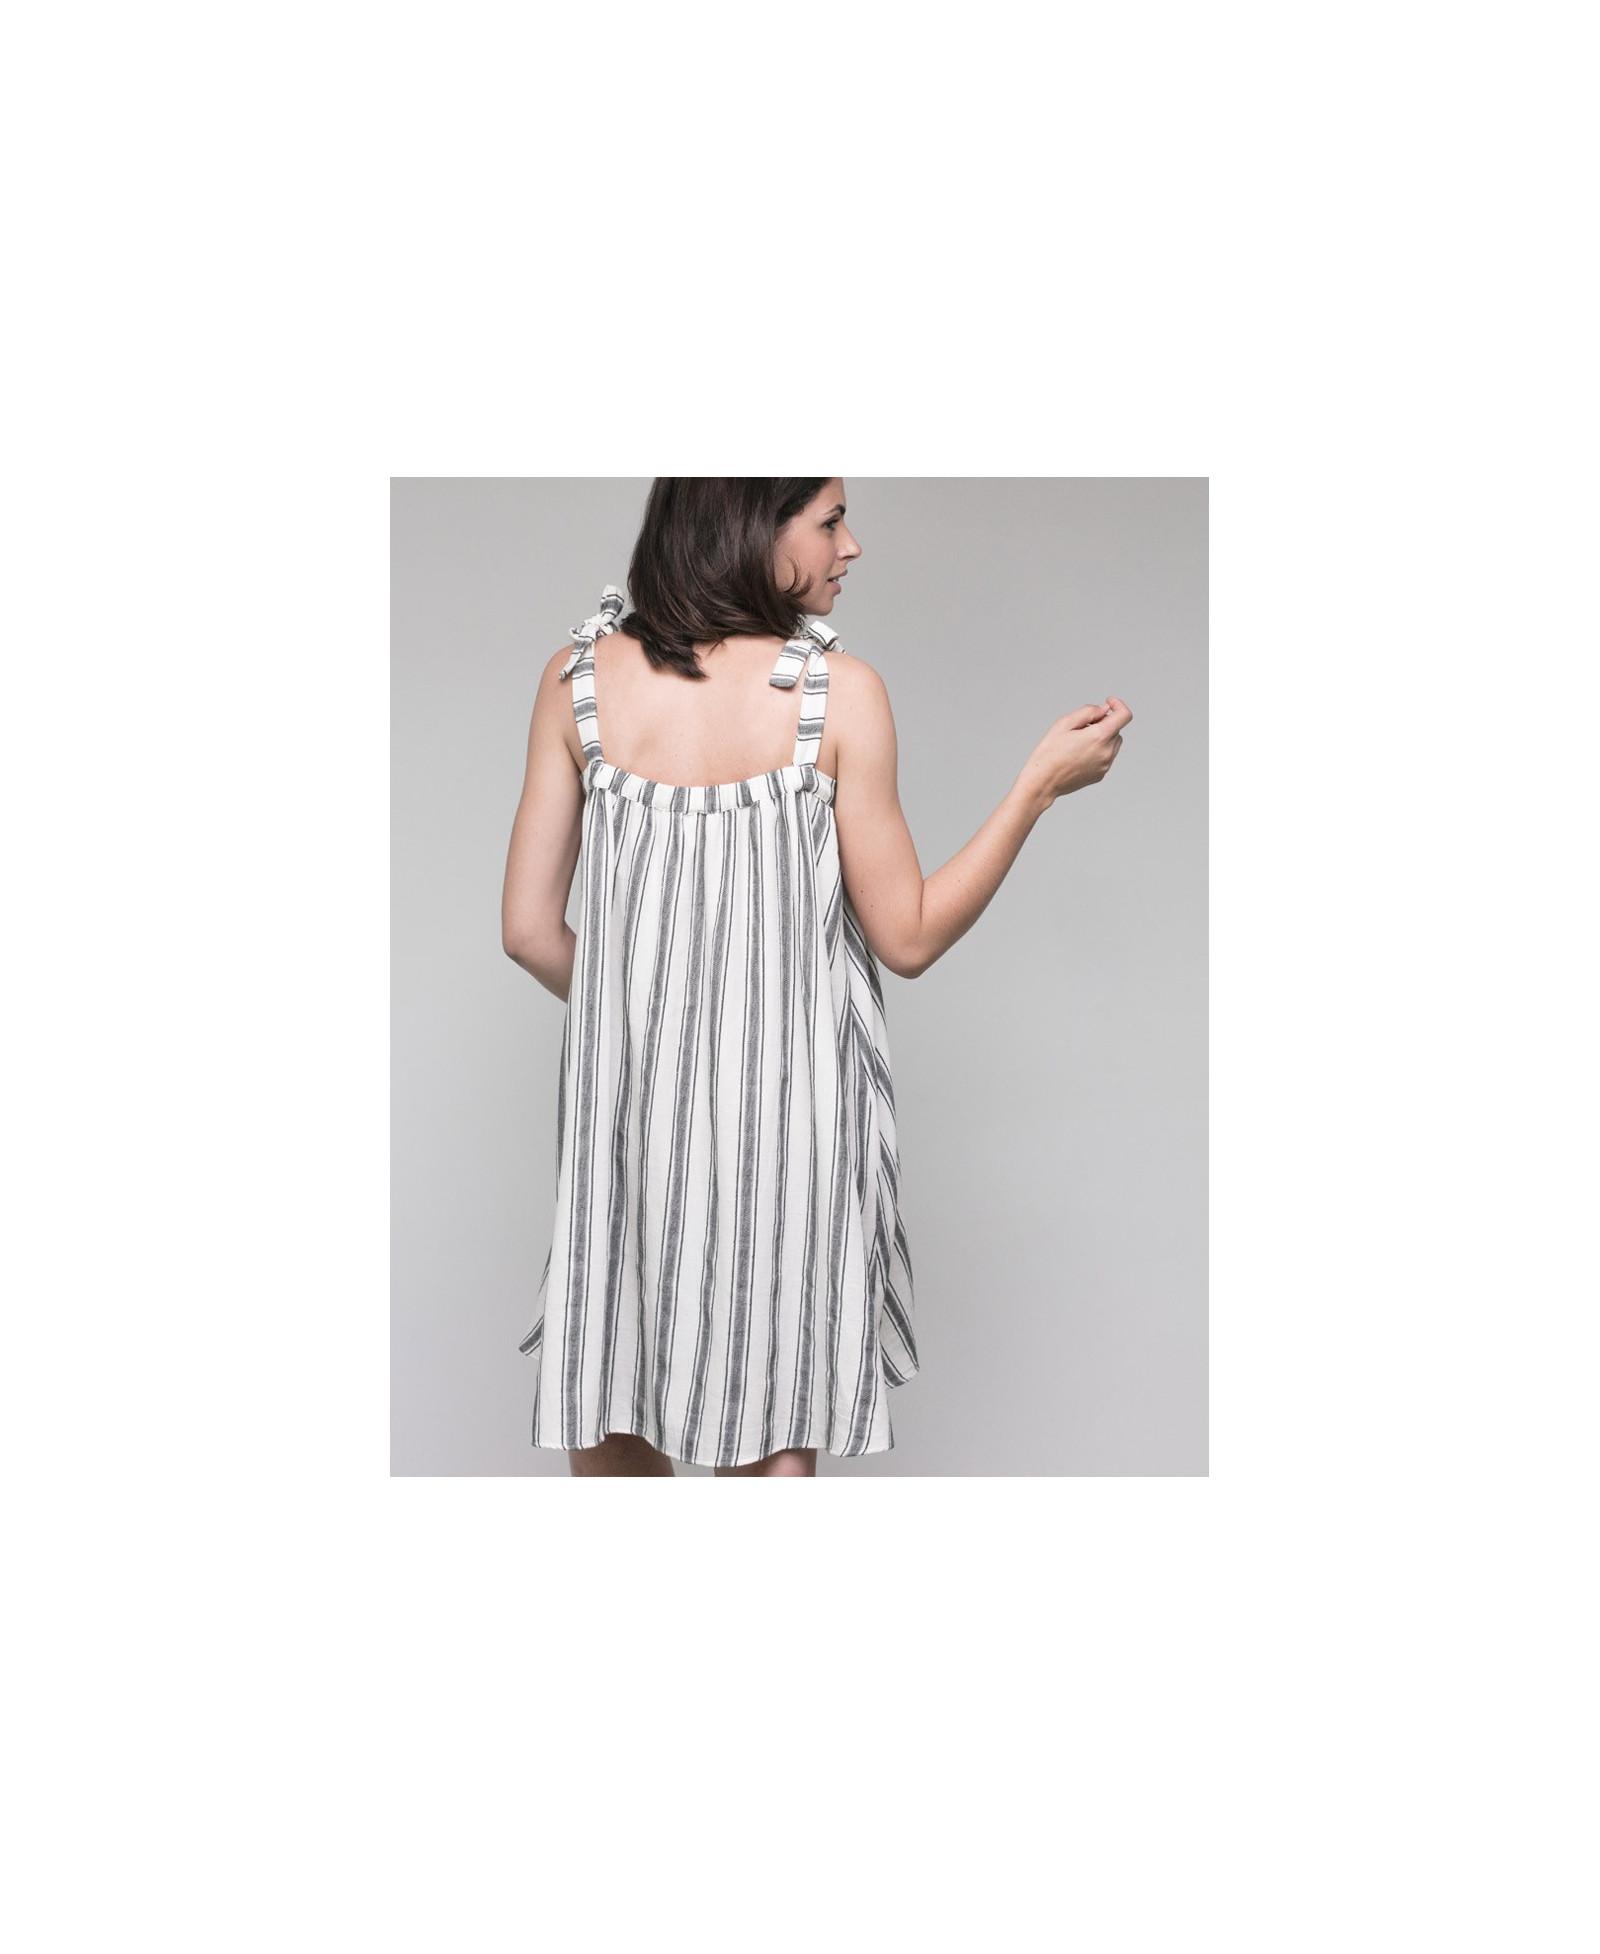 fba43c73262 Elegant dress Jospephine l during   after pregnancy